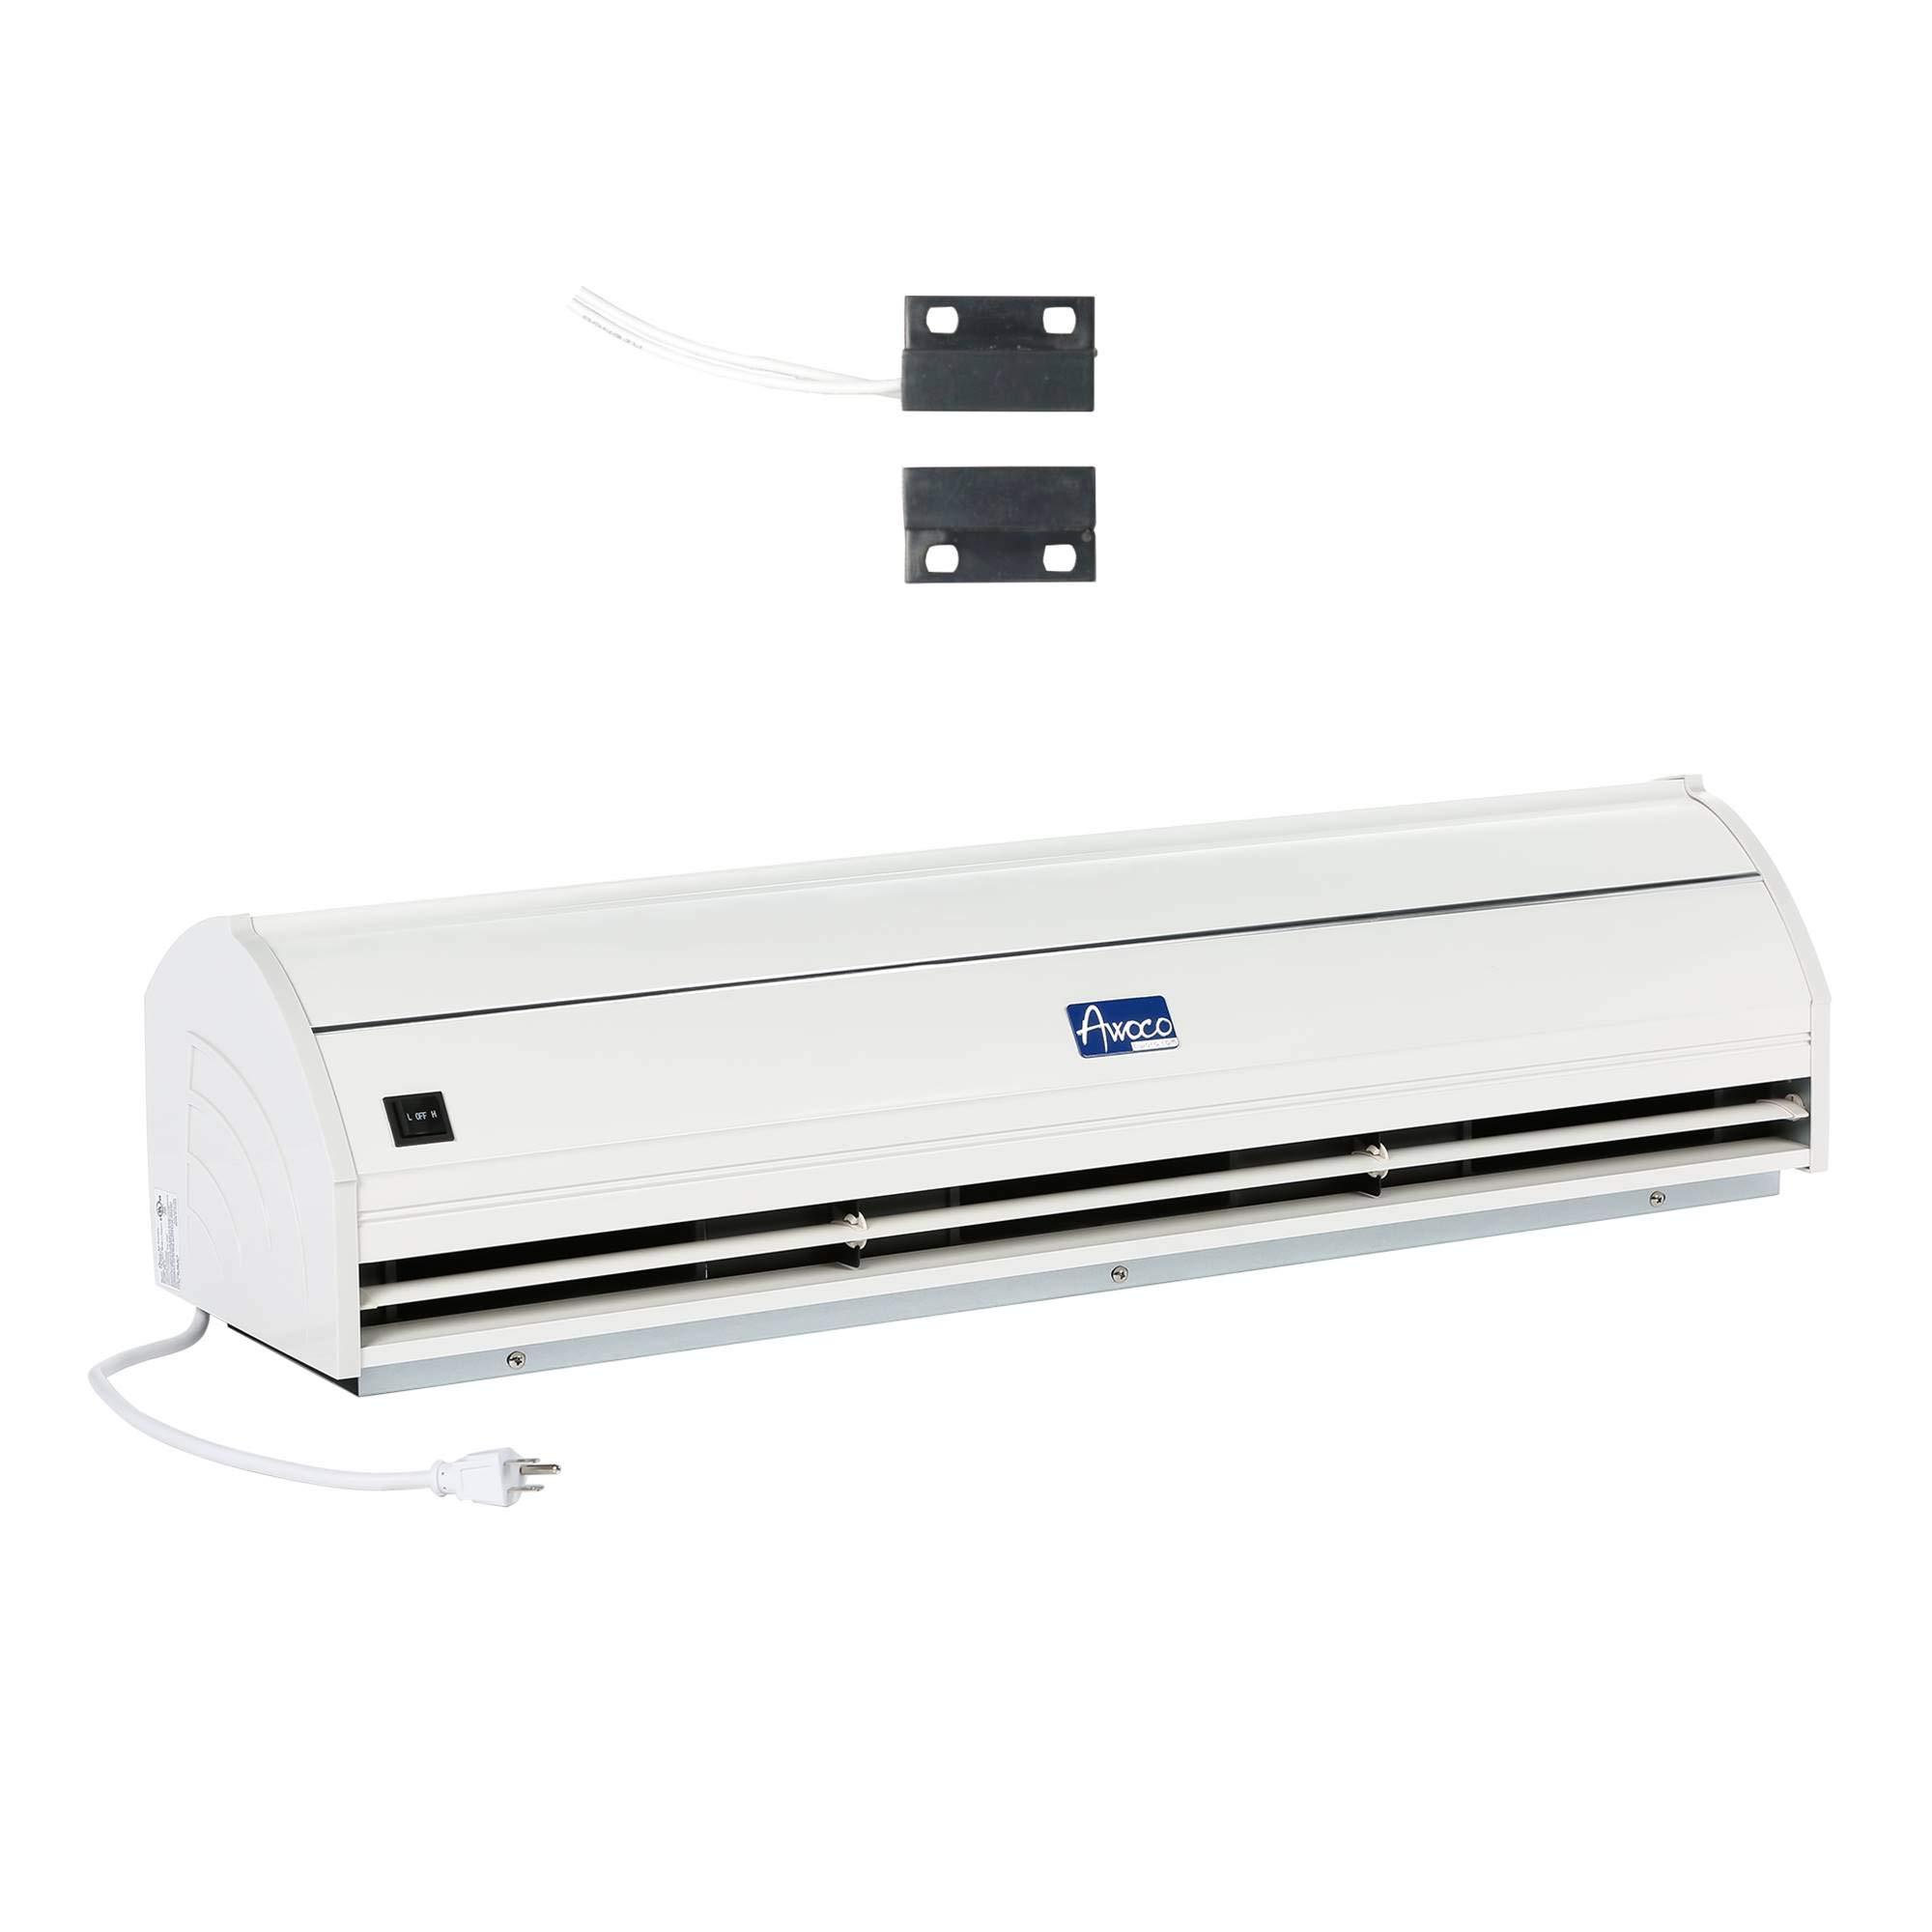 Awoco 36'' Elegant 2 Speeds 900 CFM Indoor Air Curtain with